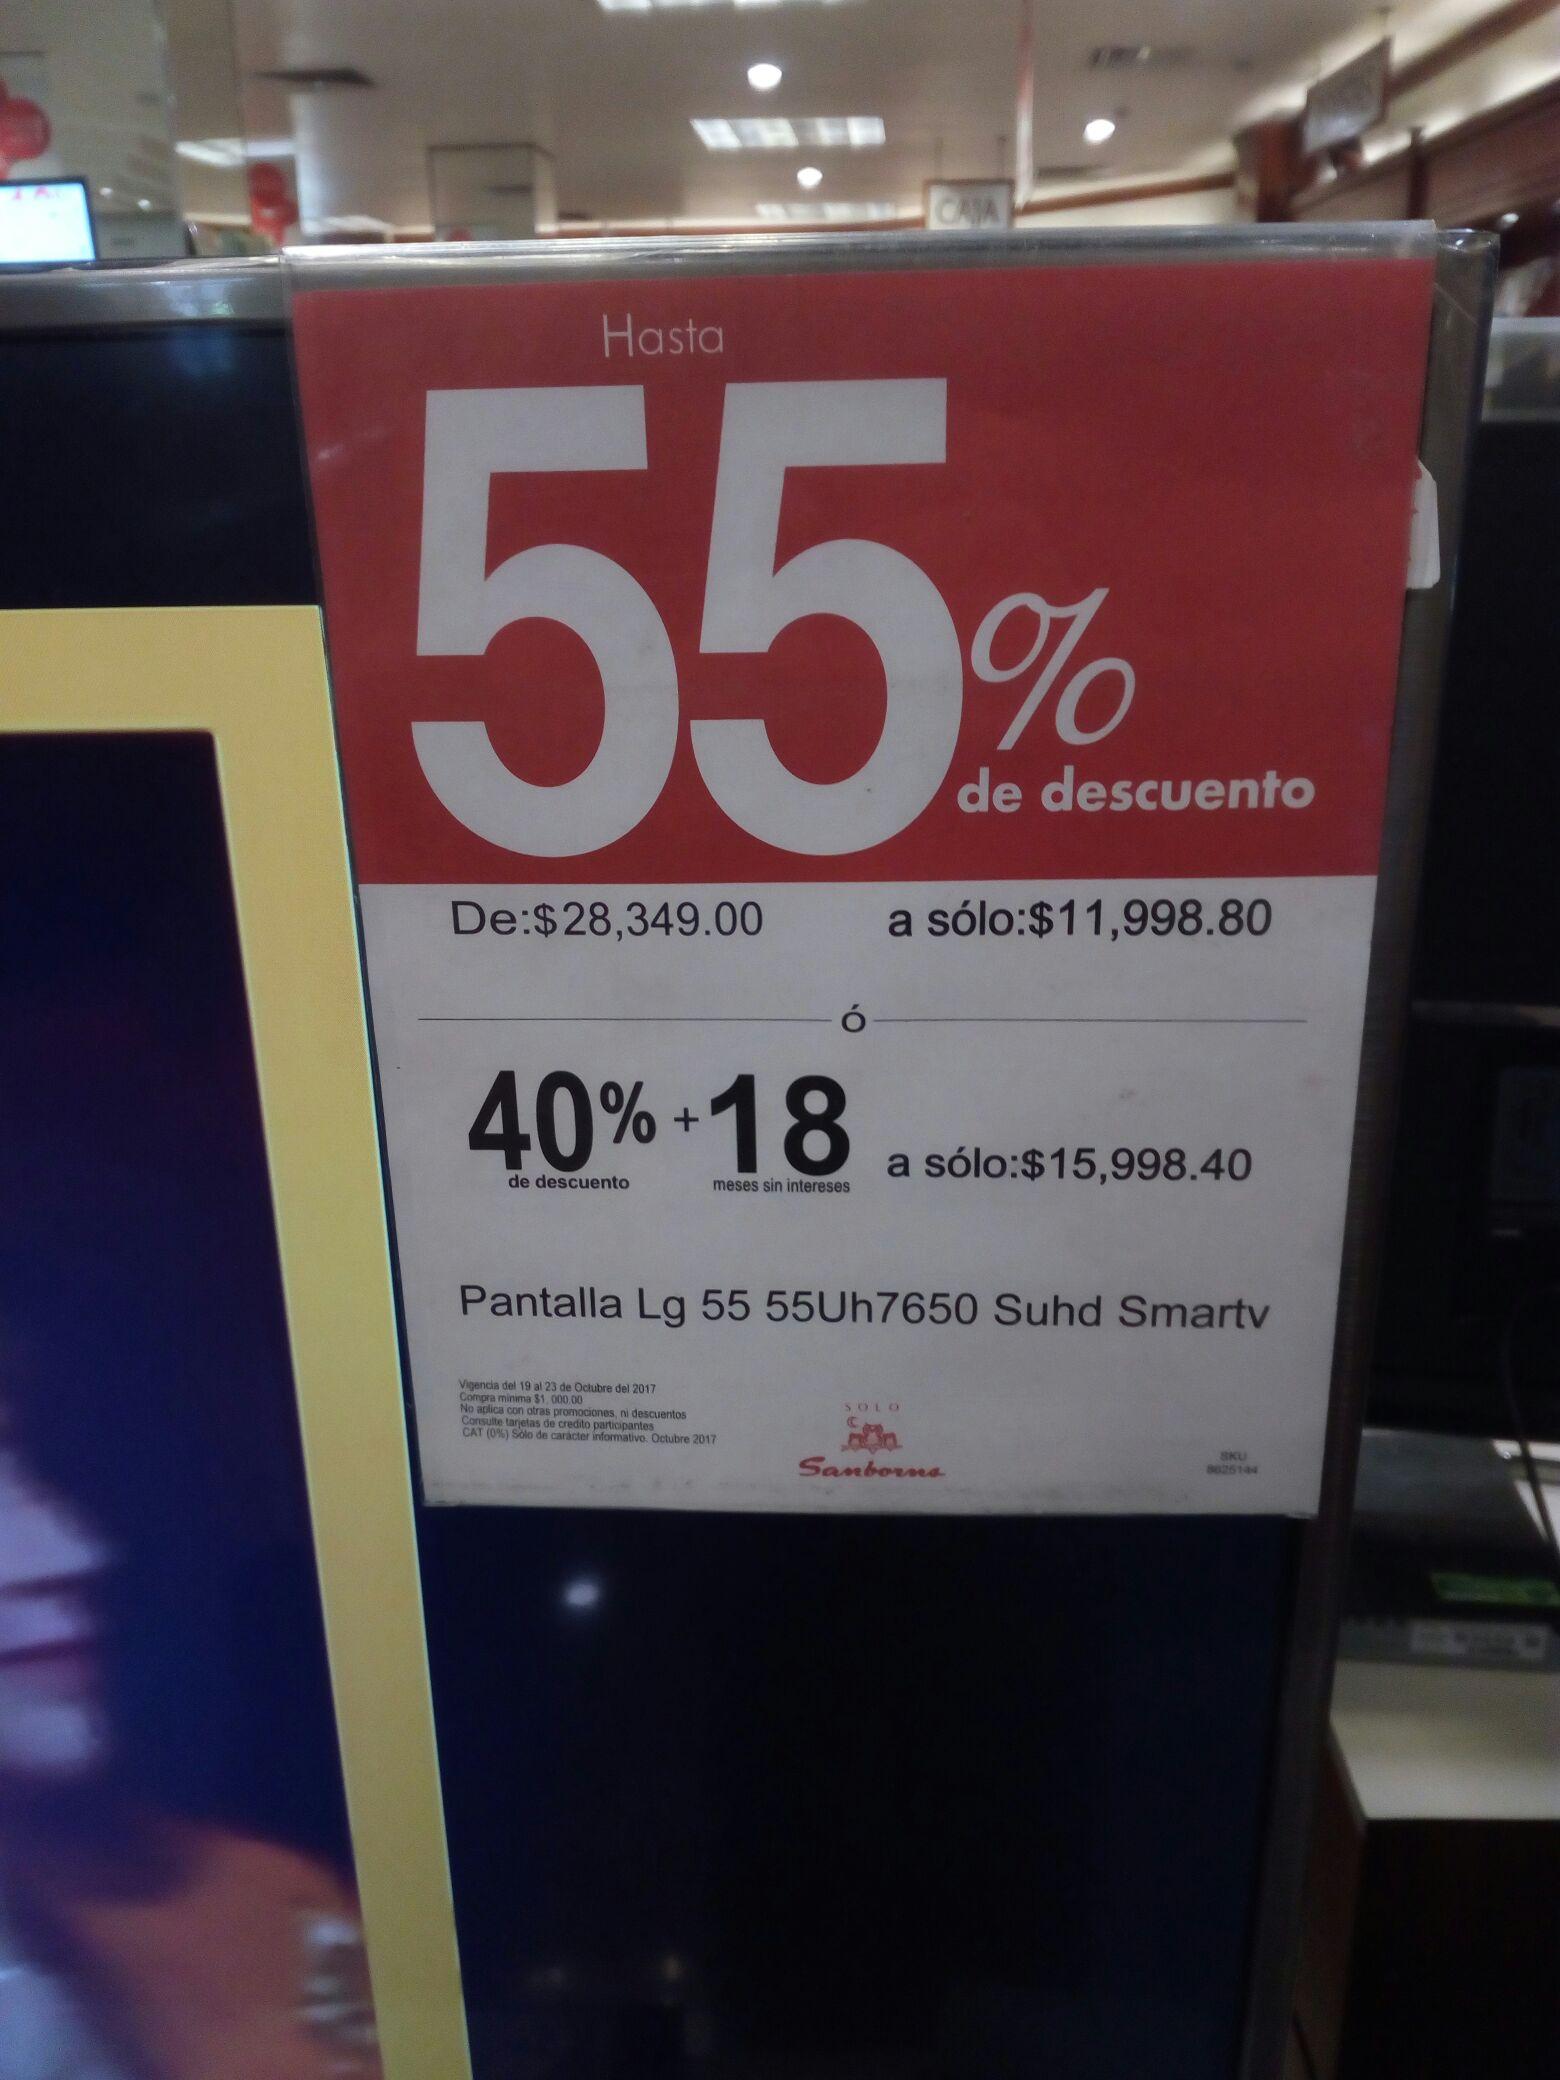 Sanborns: Pantalla LG 55Uh7650 SUHD